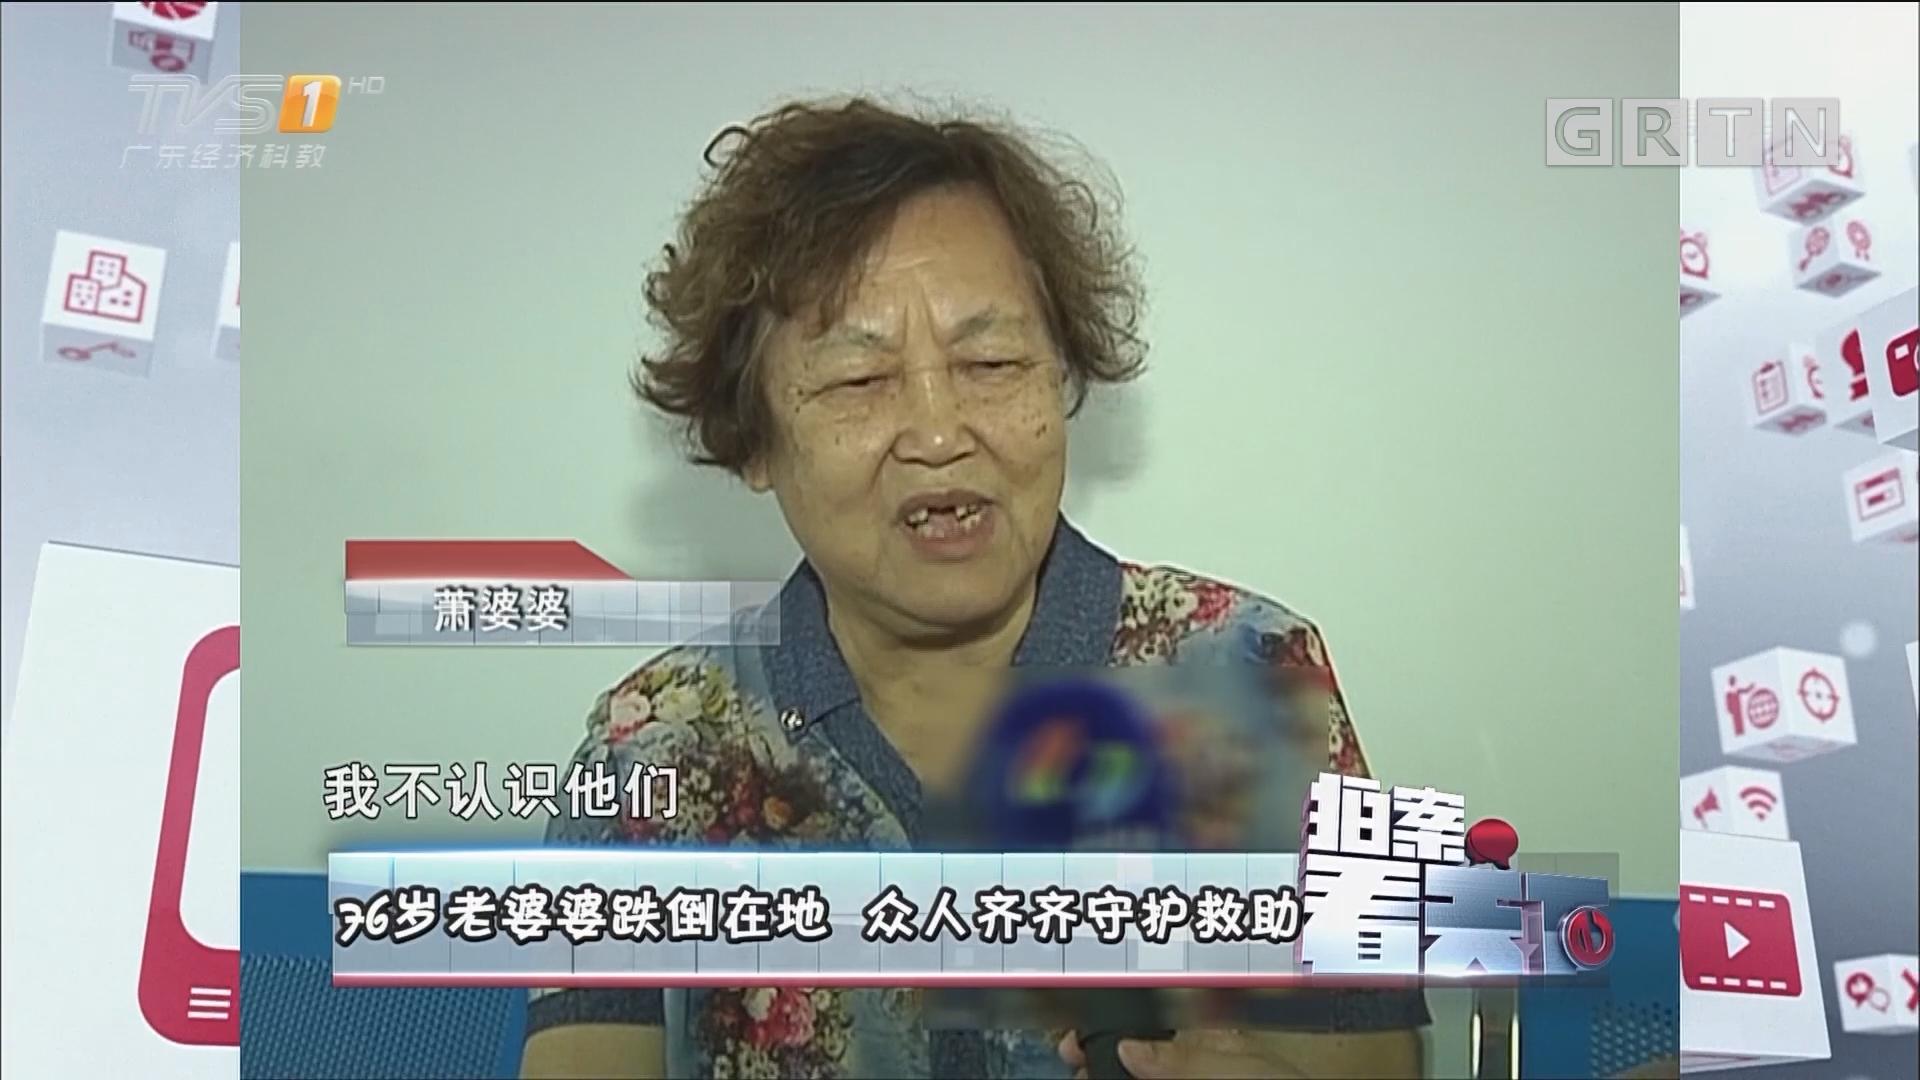 [HD][2017-09-21]拍案看天下:76岁老婆婆跌倒在地 众人齐齐守护救助